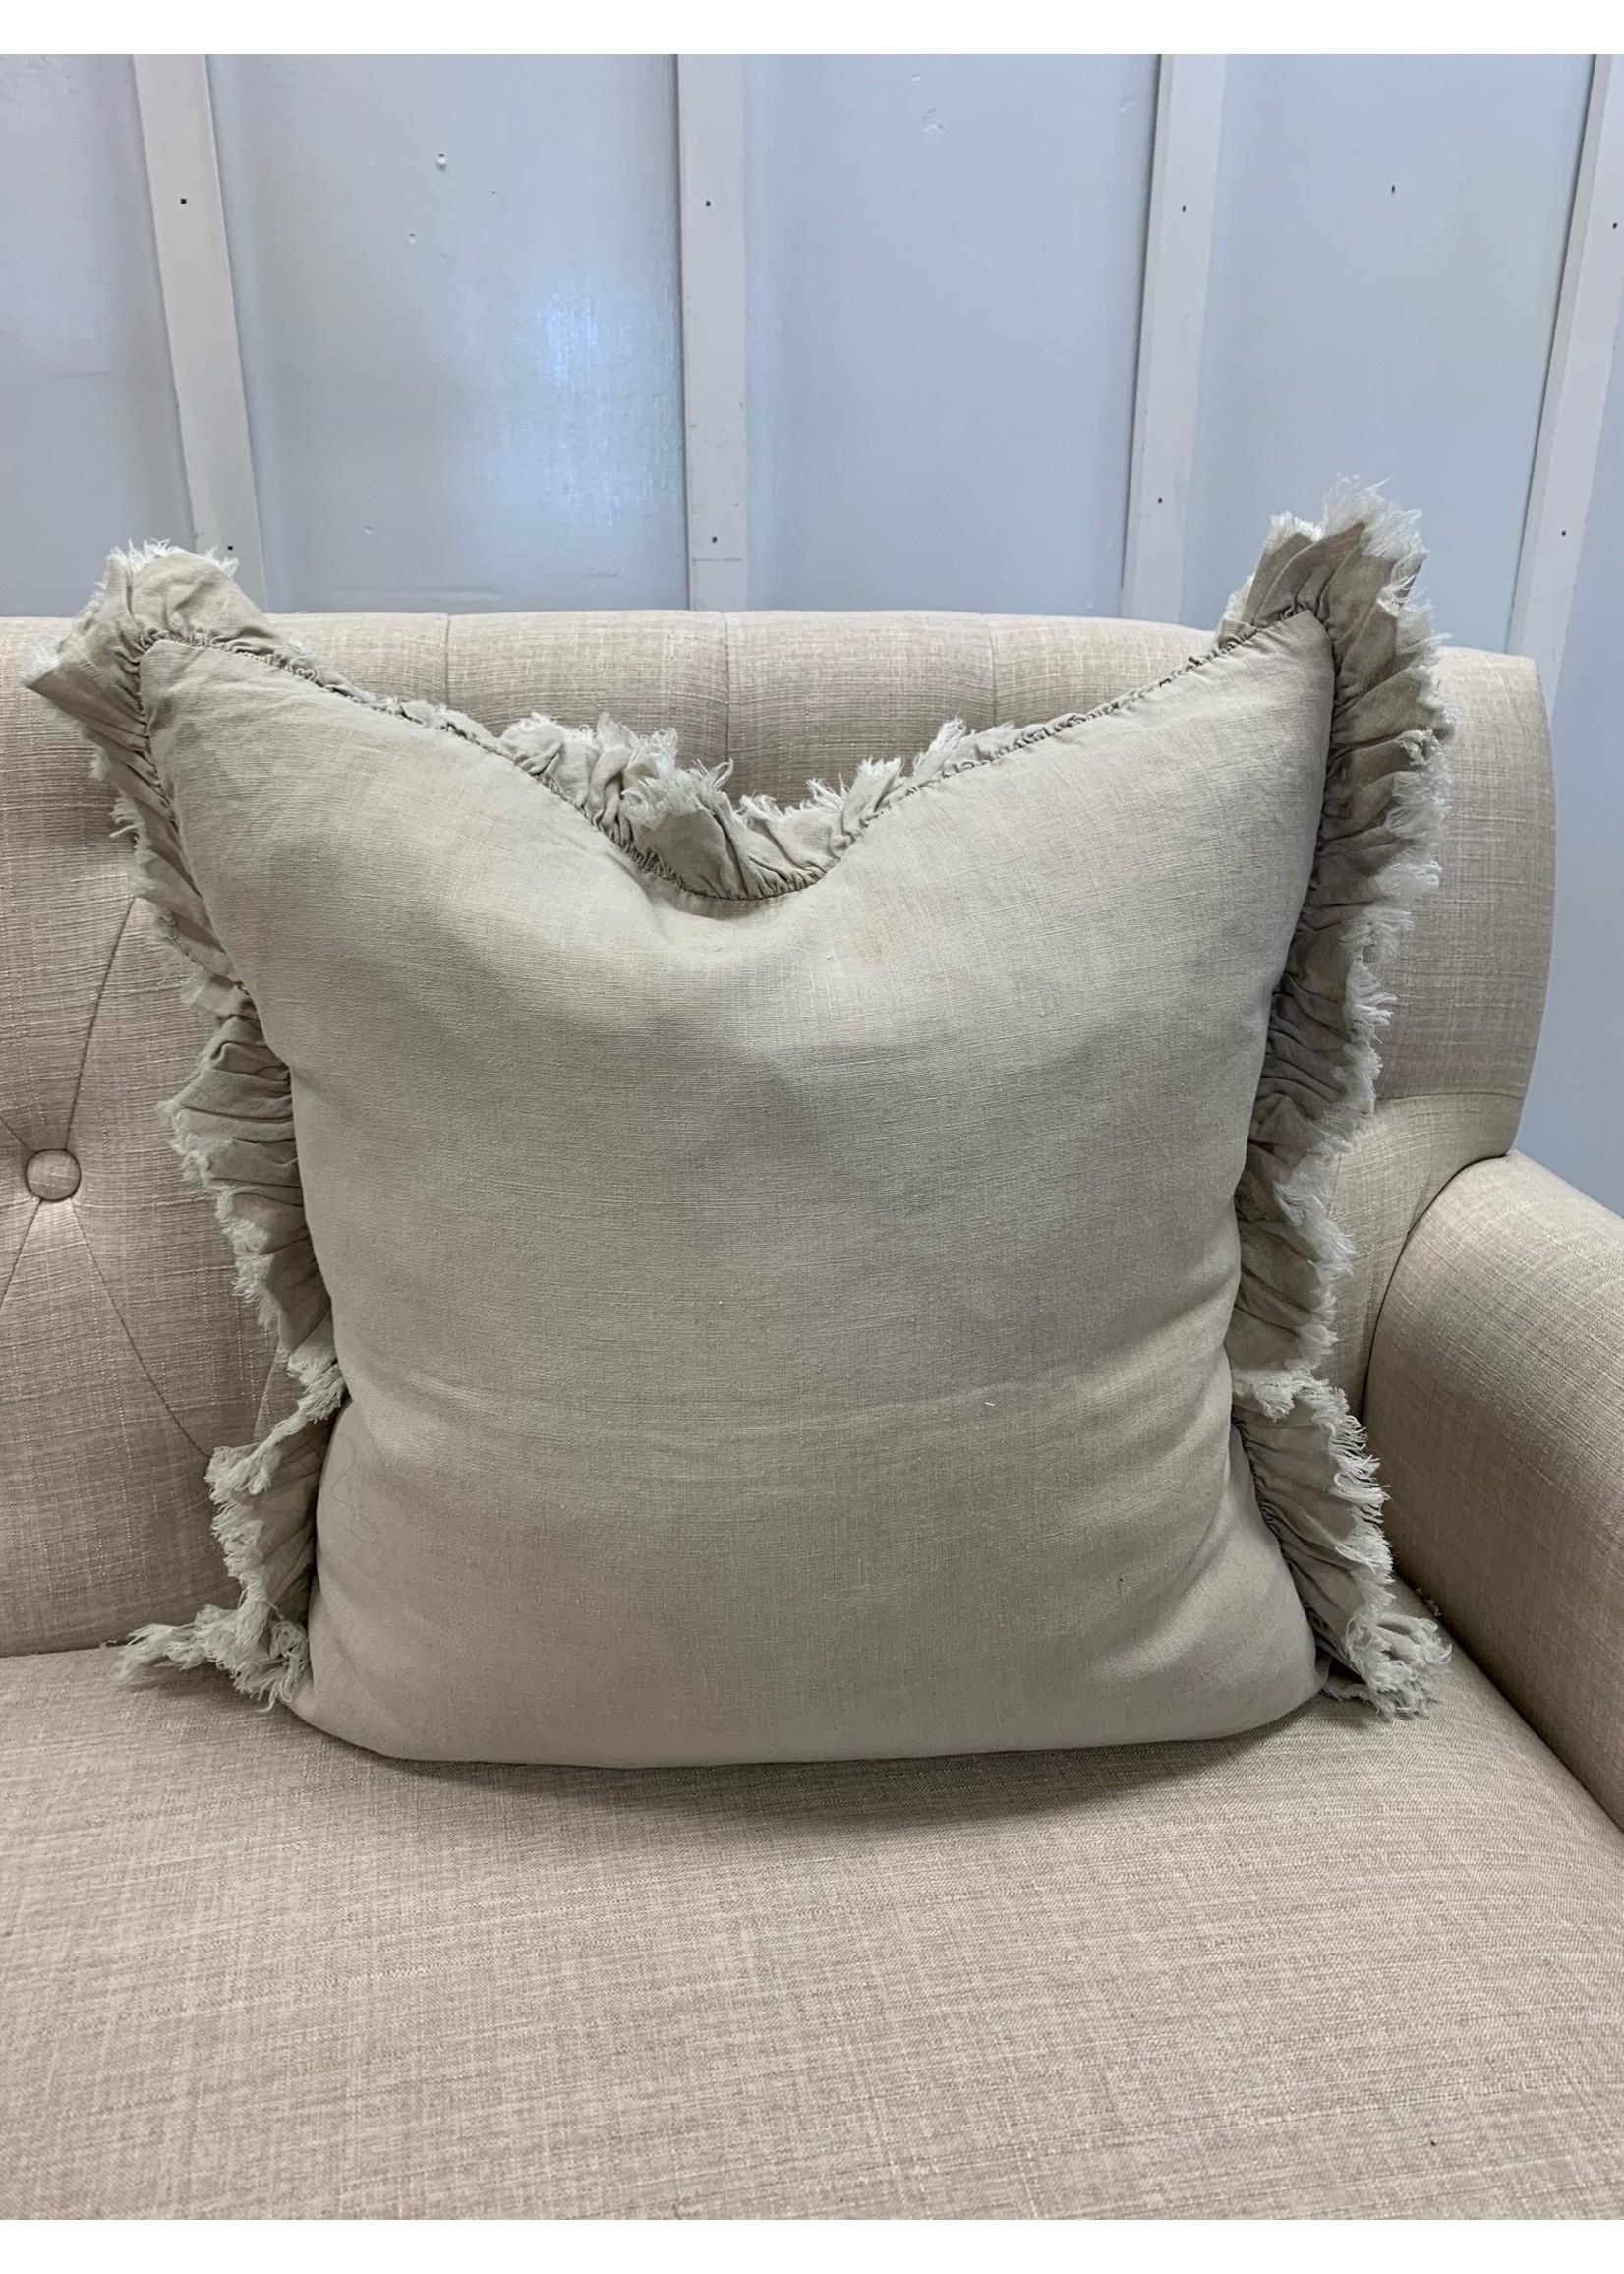 Saro Trading Company Ruffled Design Pillow - Natural